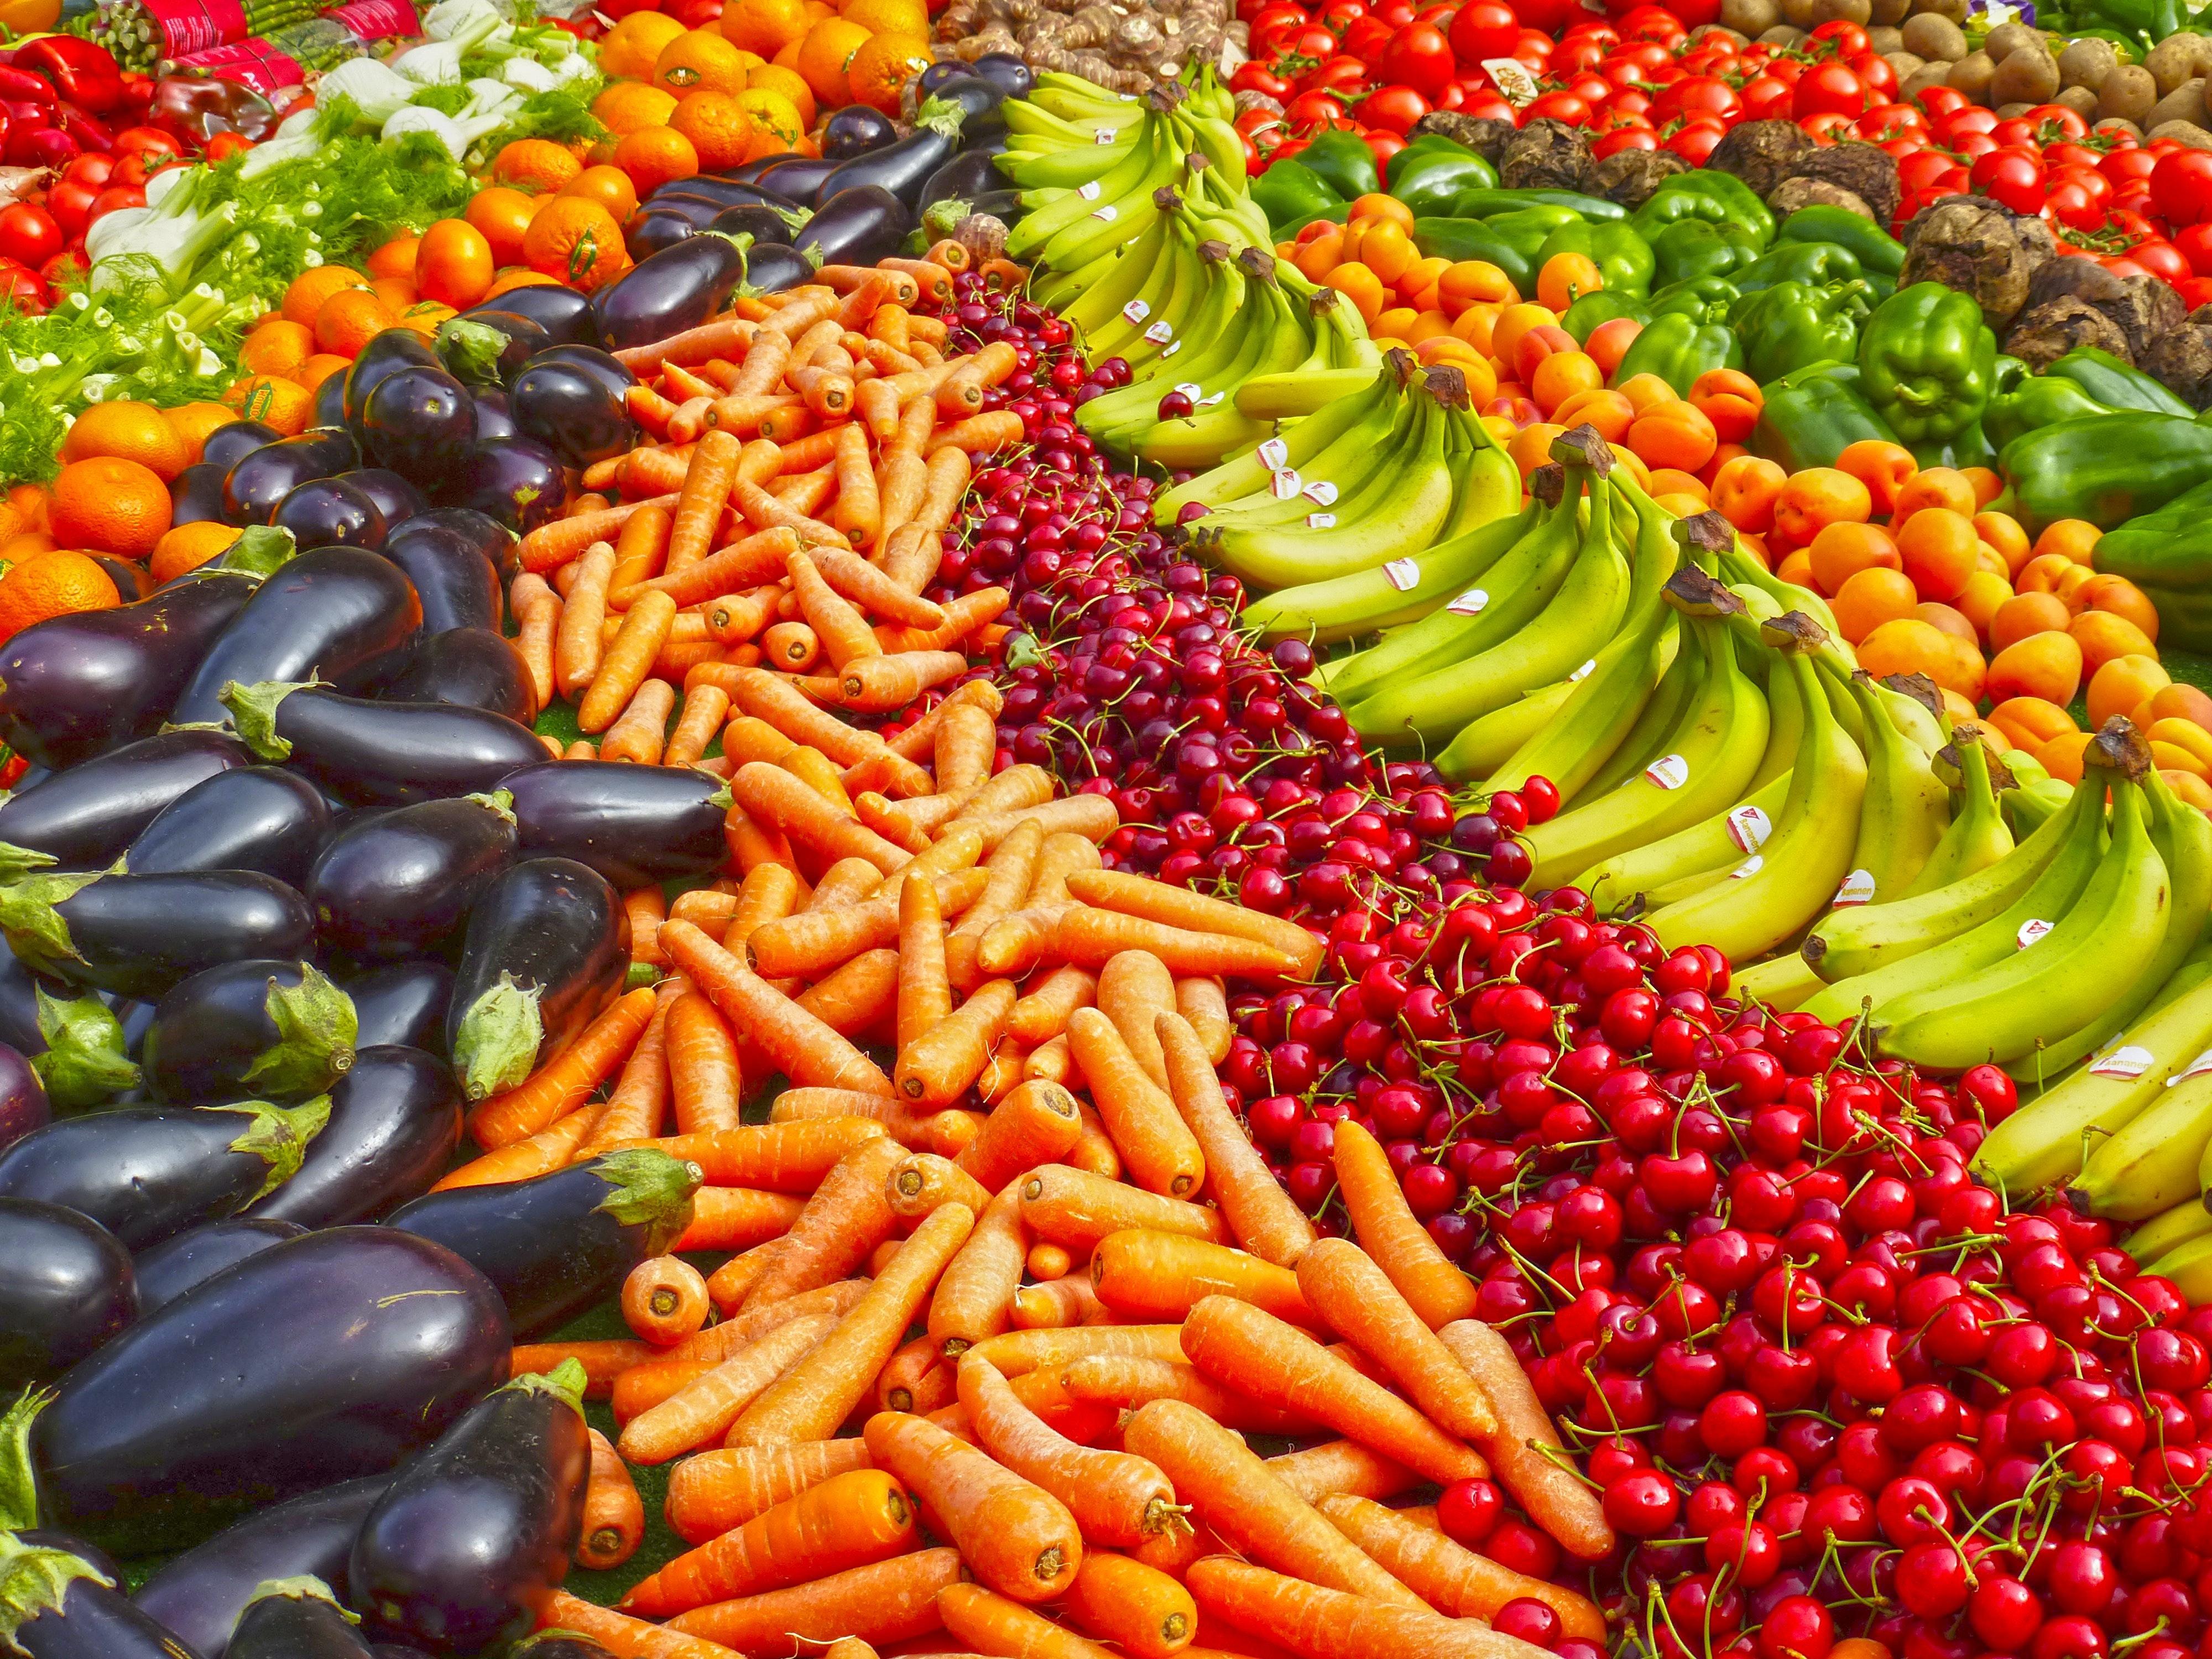 abundance-agriculture-bananas